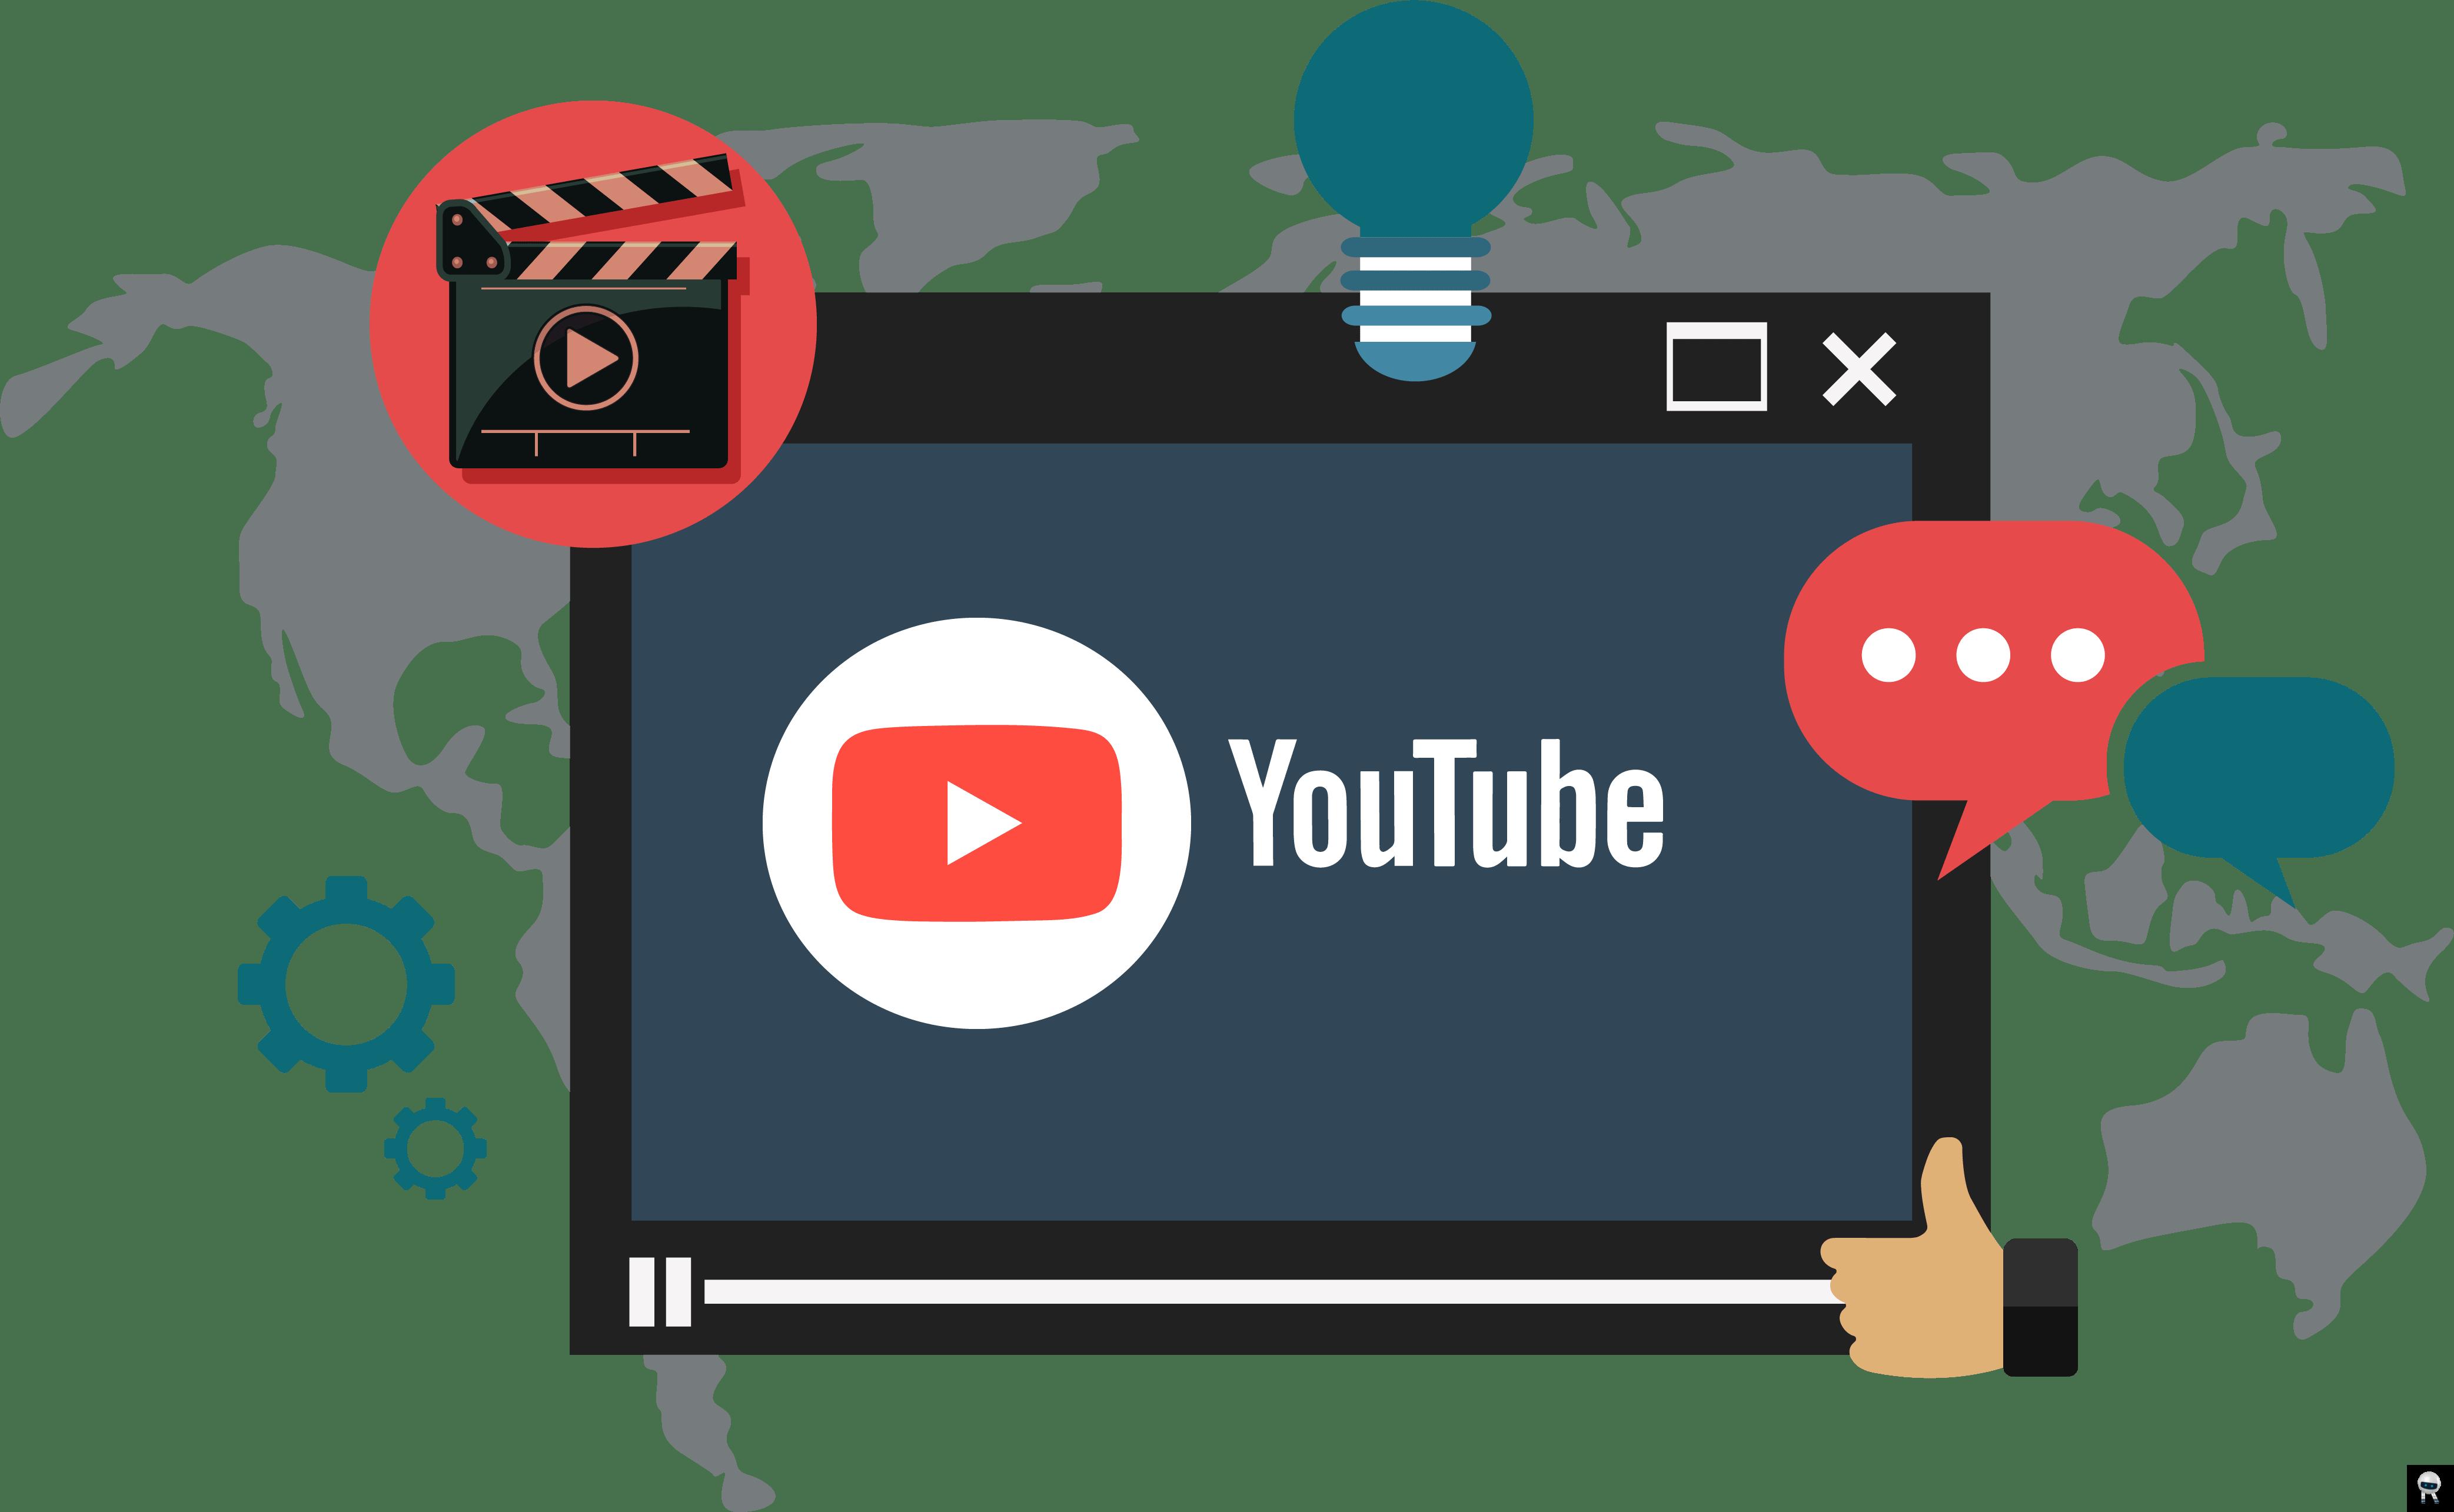 خرید سابسکرایب یوتیوب   Youtube Subscribers   افزایش سابسکرایبر یوتیوب !